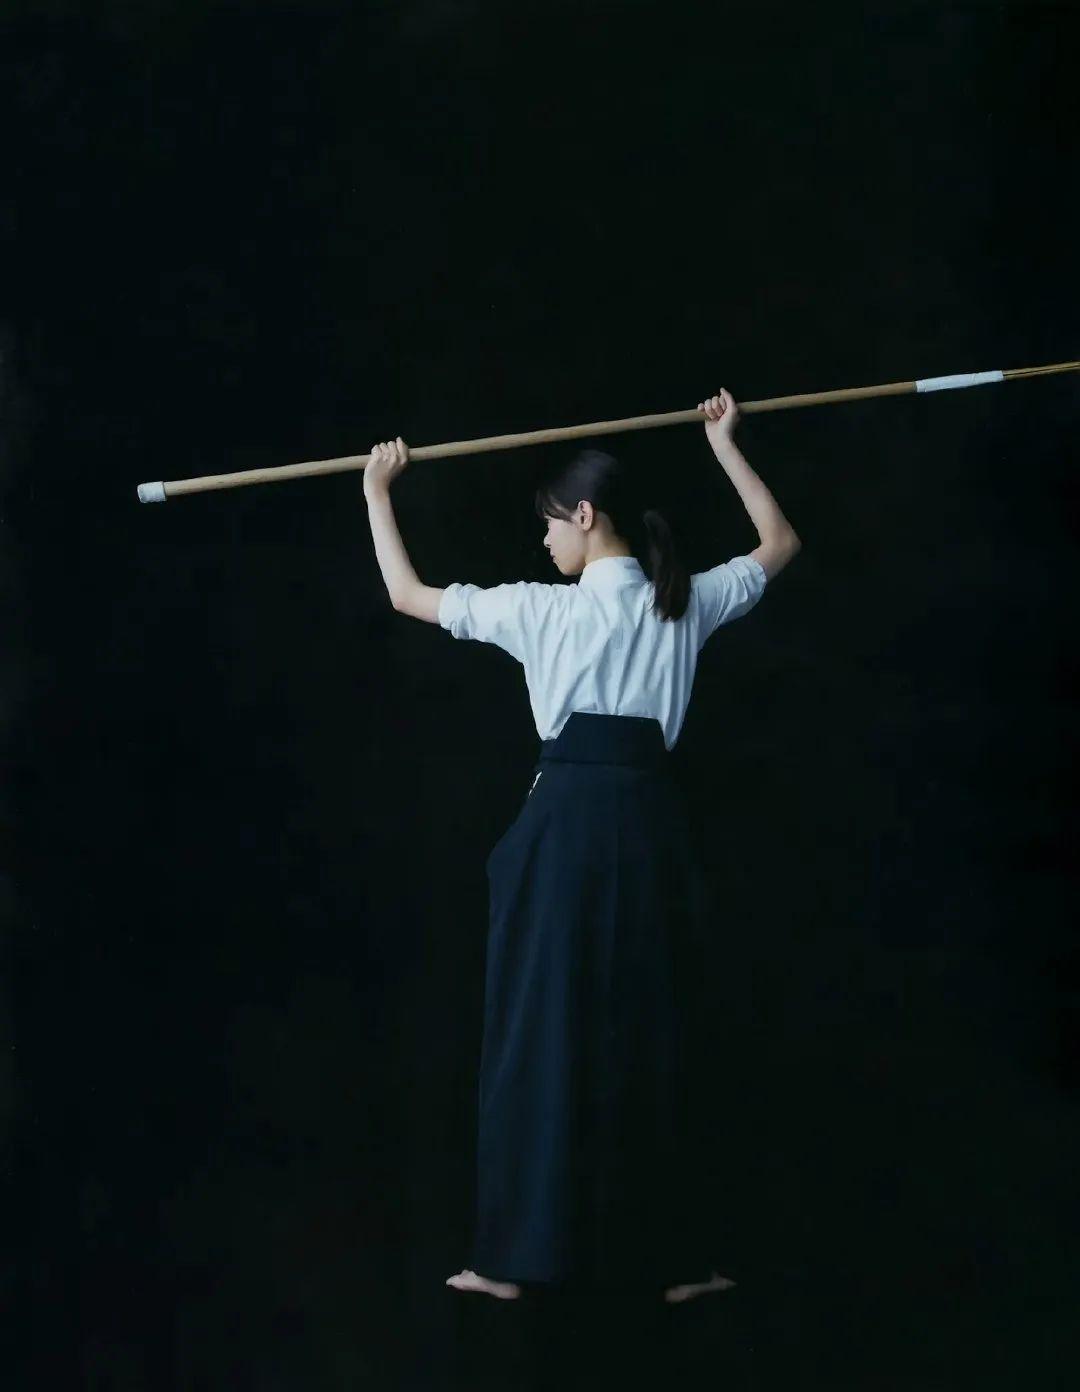 写真 – 刚出道的西野七濑和现在对比一下,漂亮是这样炼成的_图片 No.2